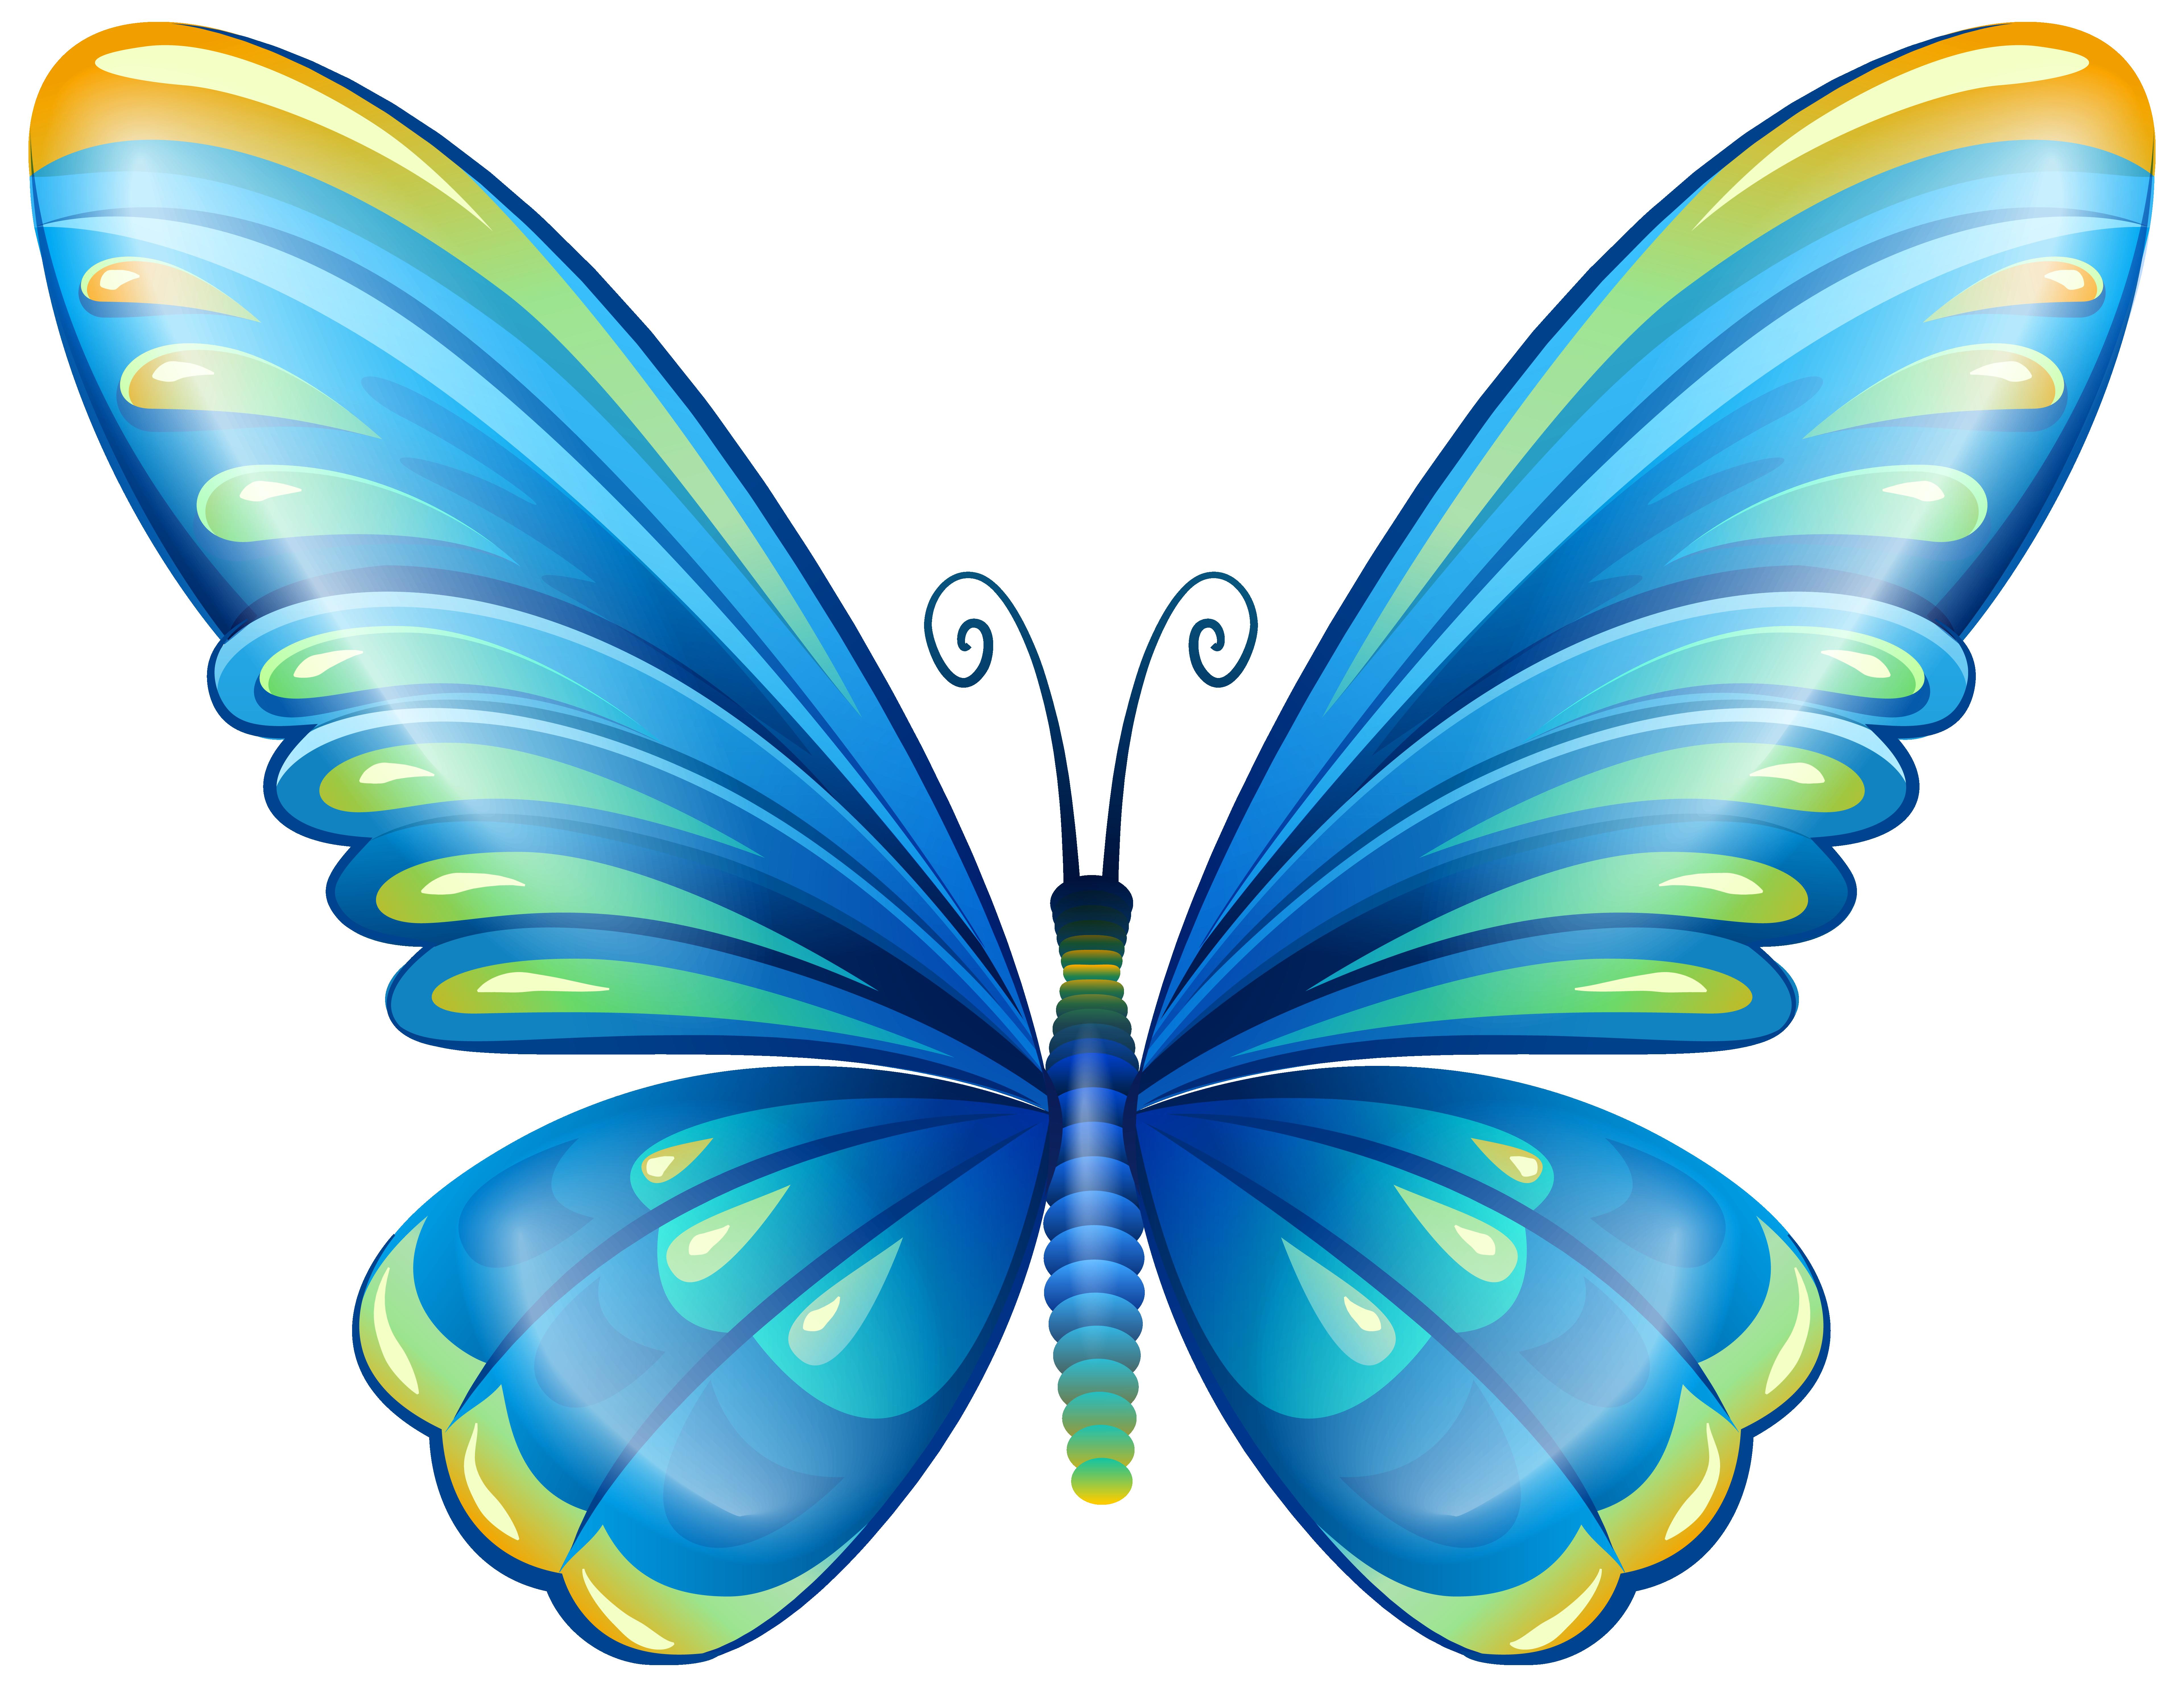 7679x5932 Clip Art Clip Art Of Butterflies